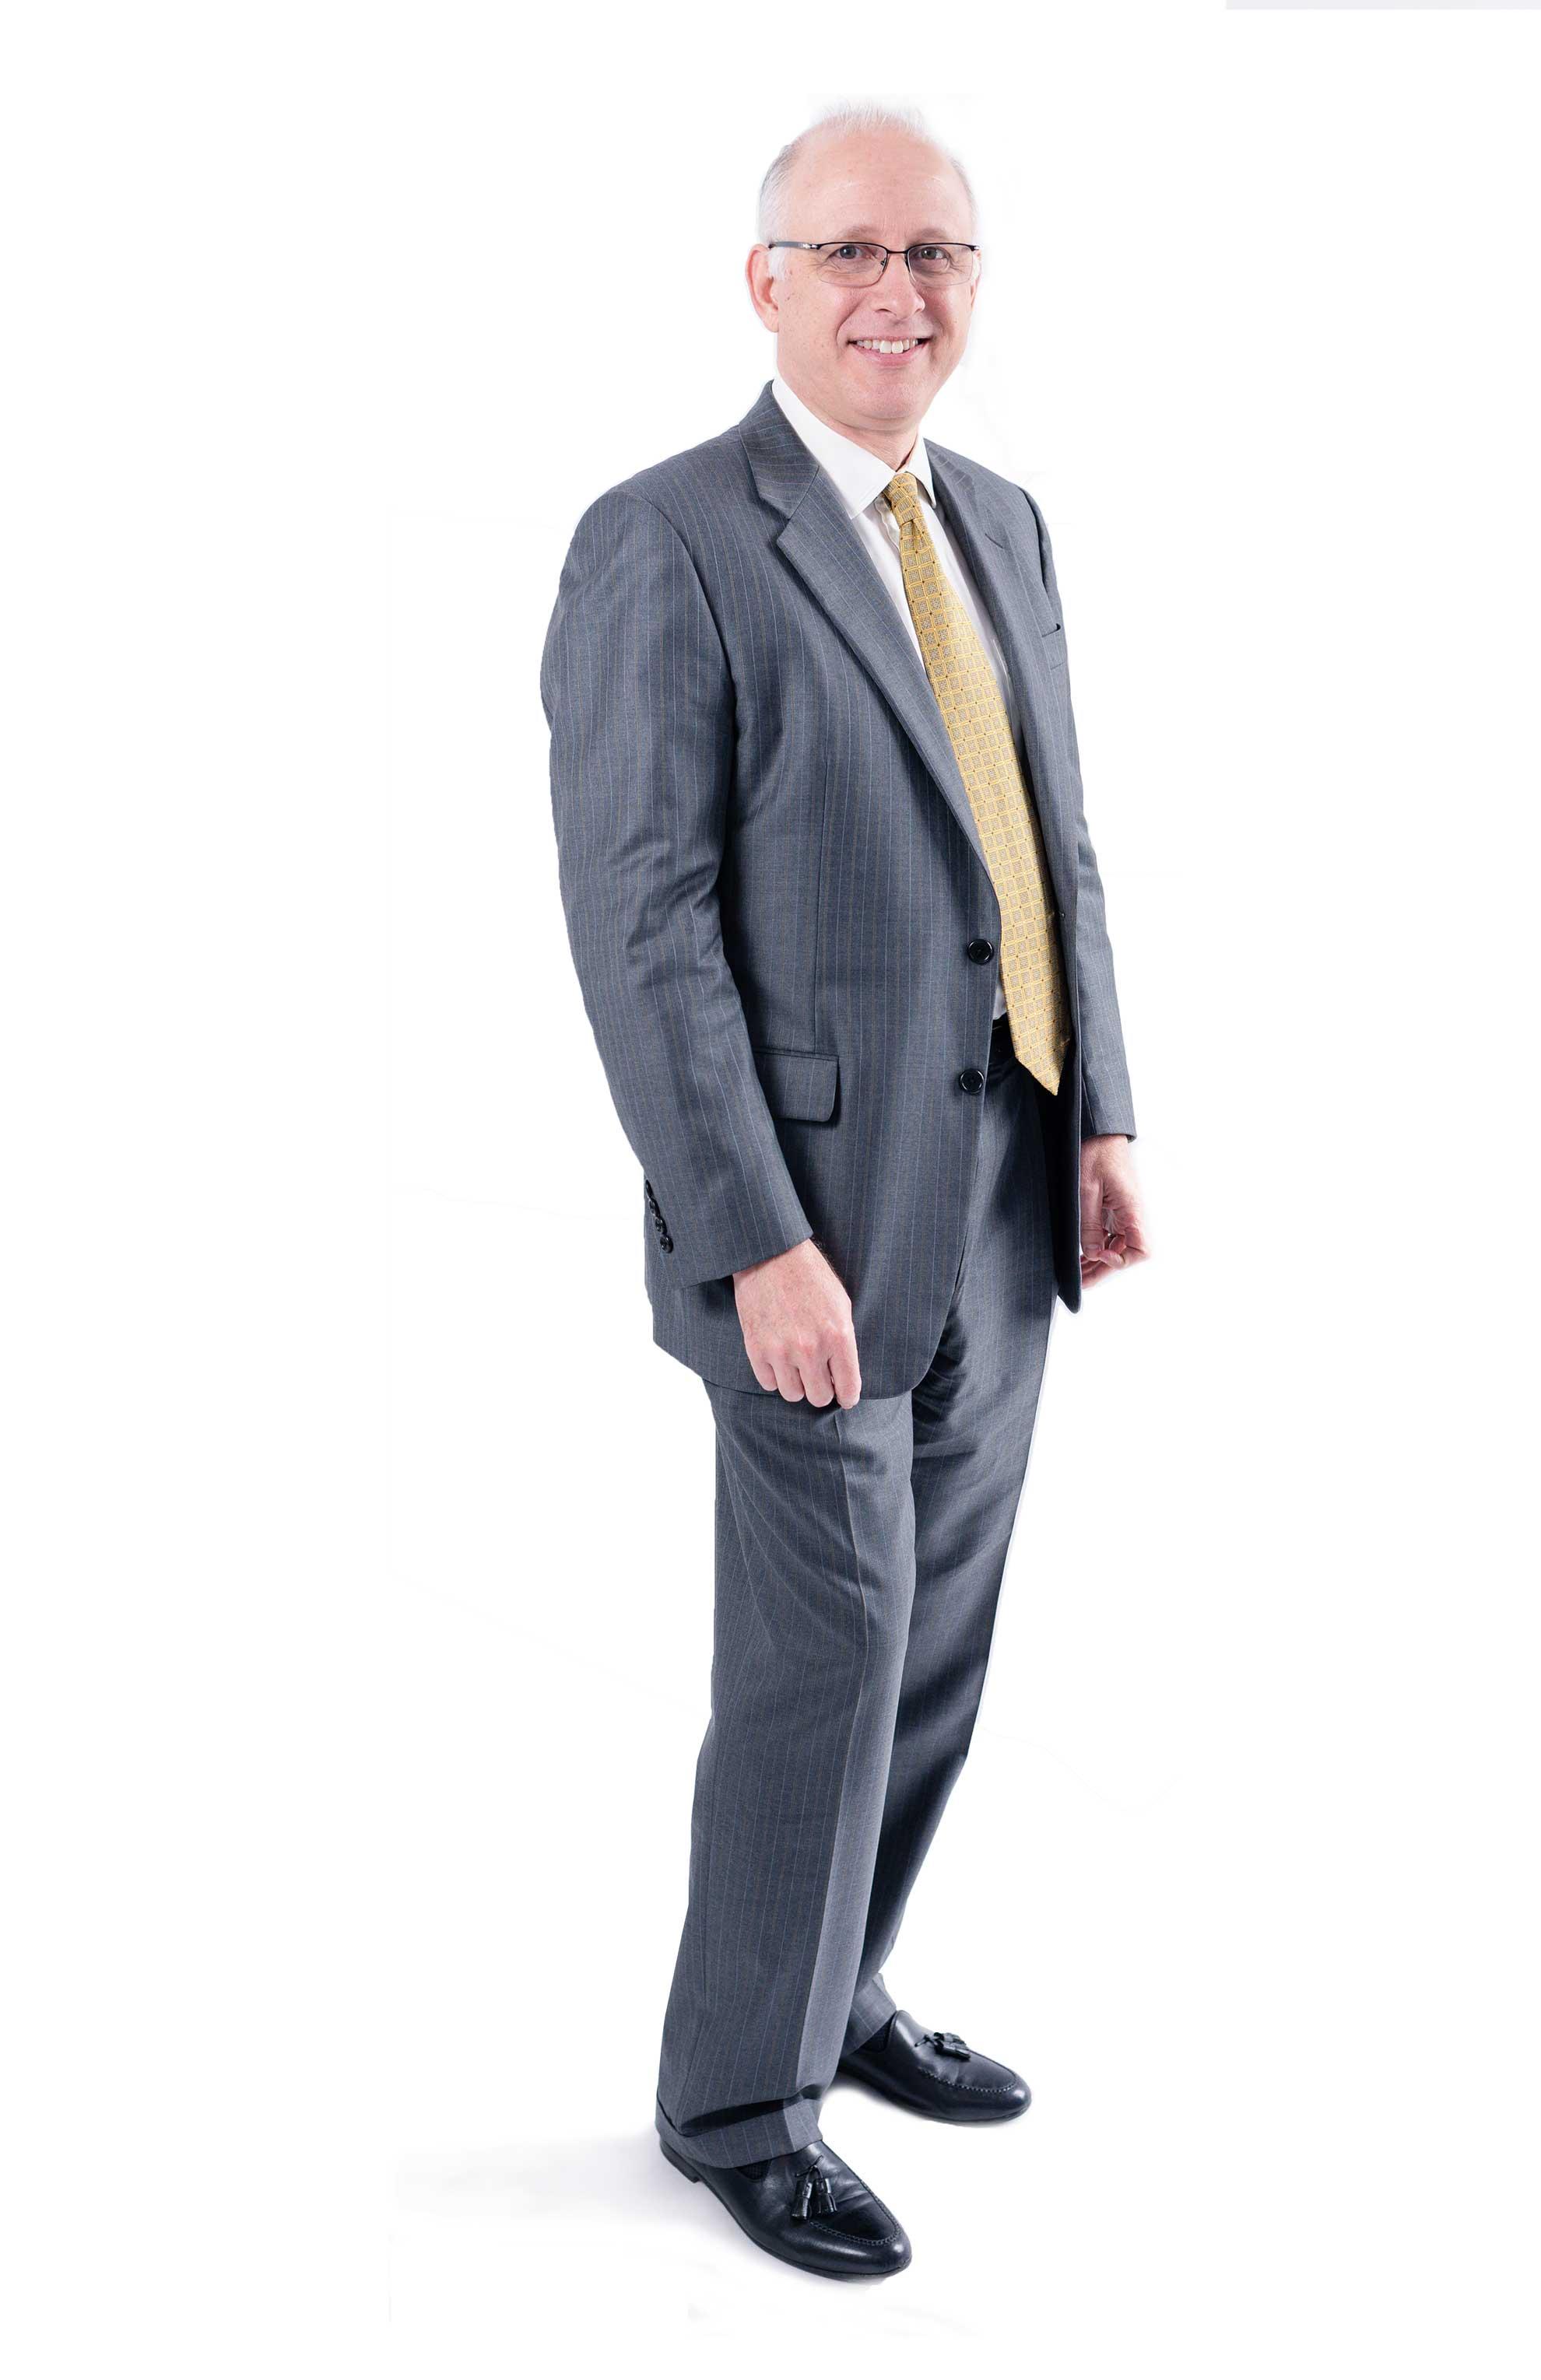 Aaron Cooperband, MBA